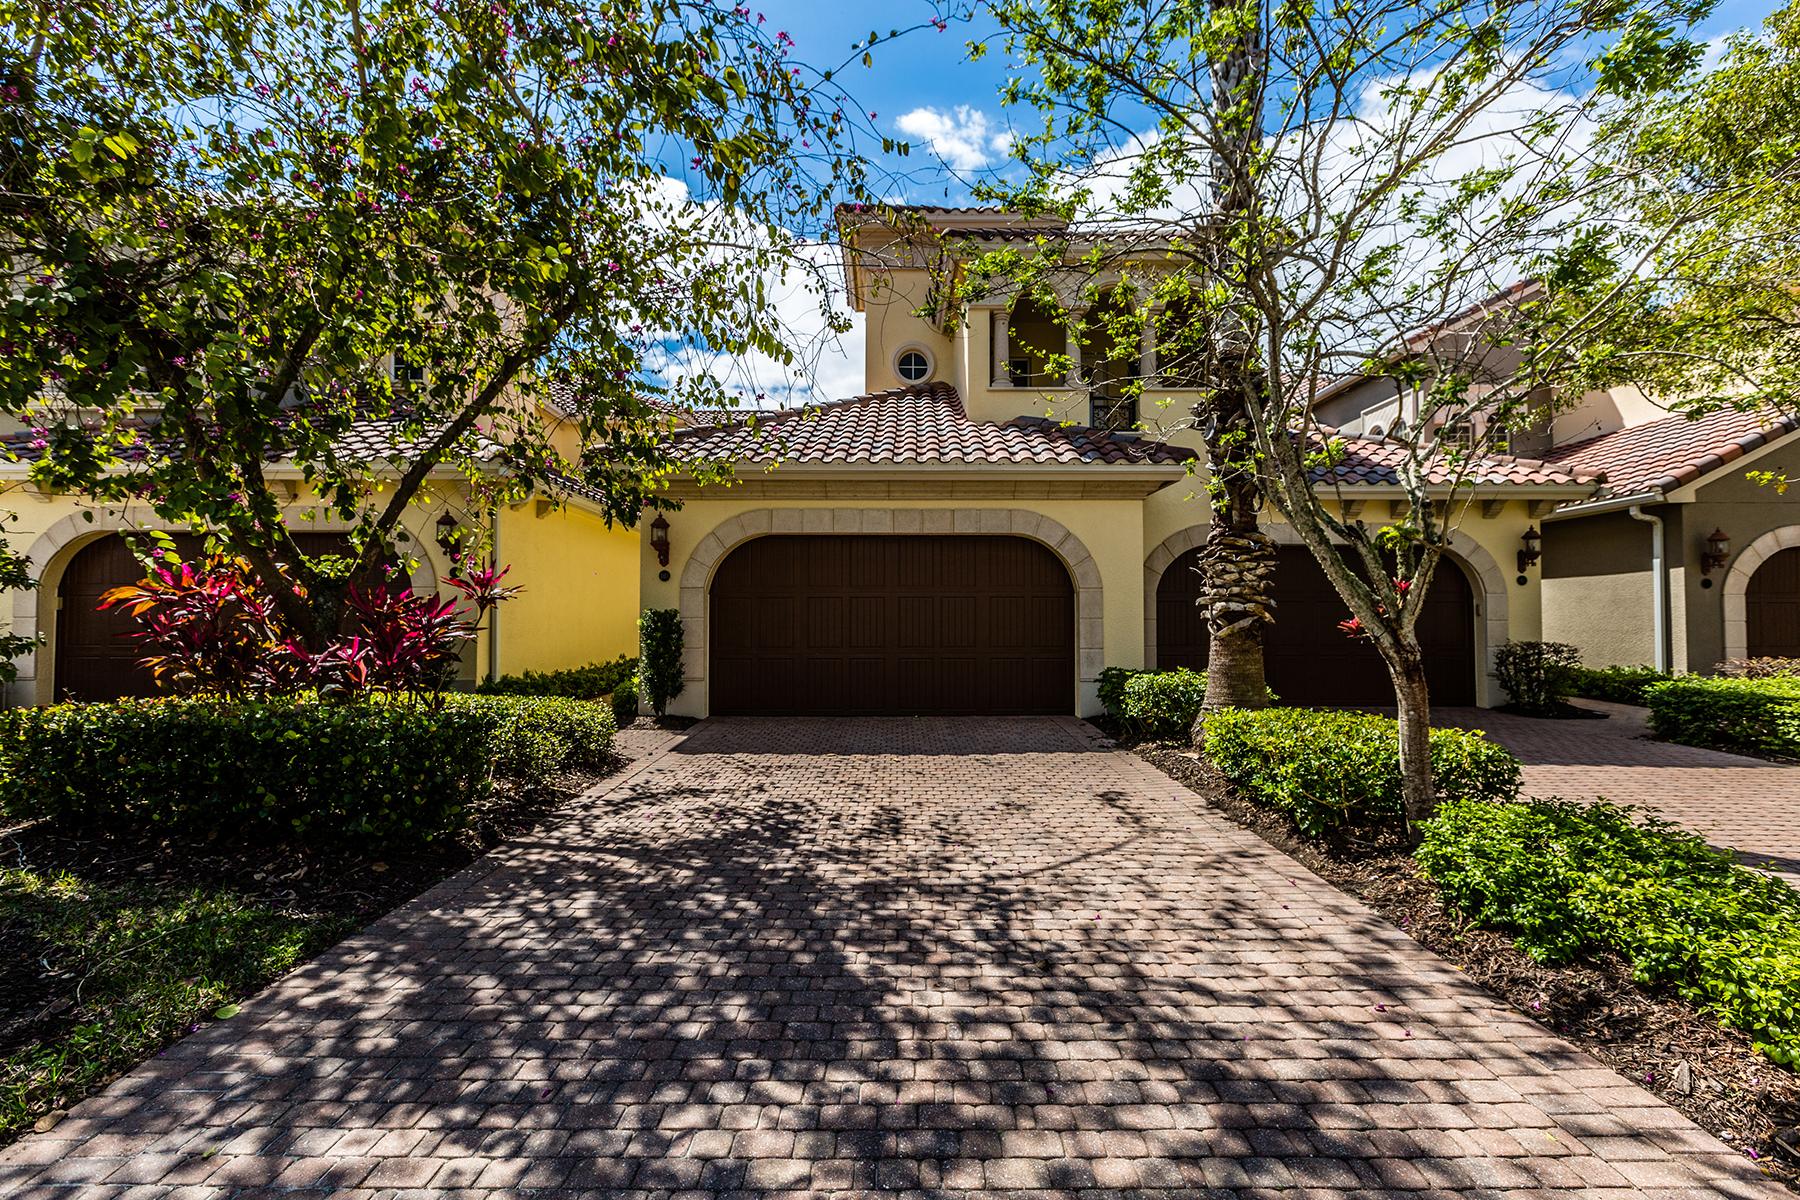 Кооперативная квартира для того Продажа на FIDDLER'S CREEK - MONTREUX 3710 Montreux Ln 103 Naples, Флорида, 34114 Соединенные Штаты